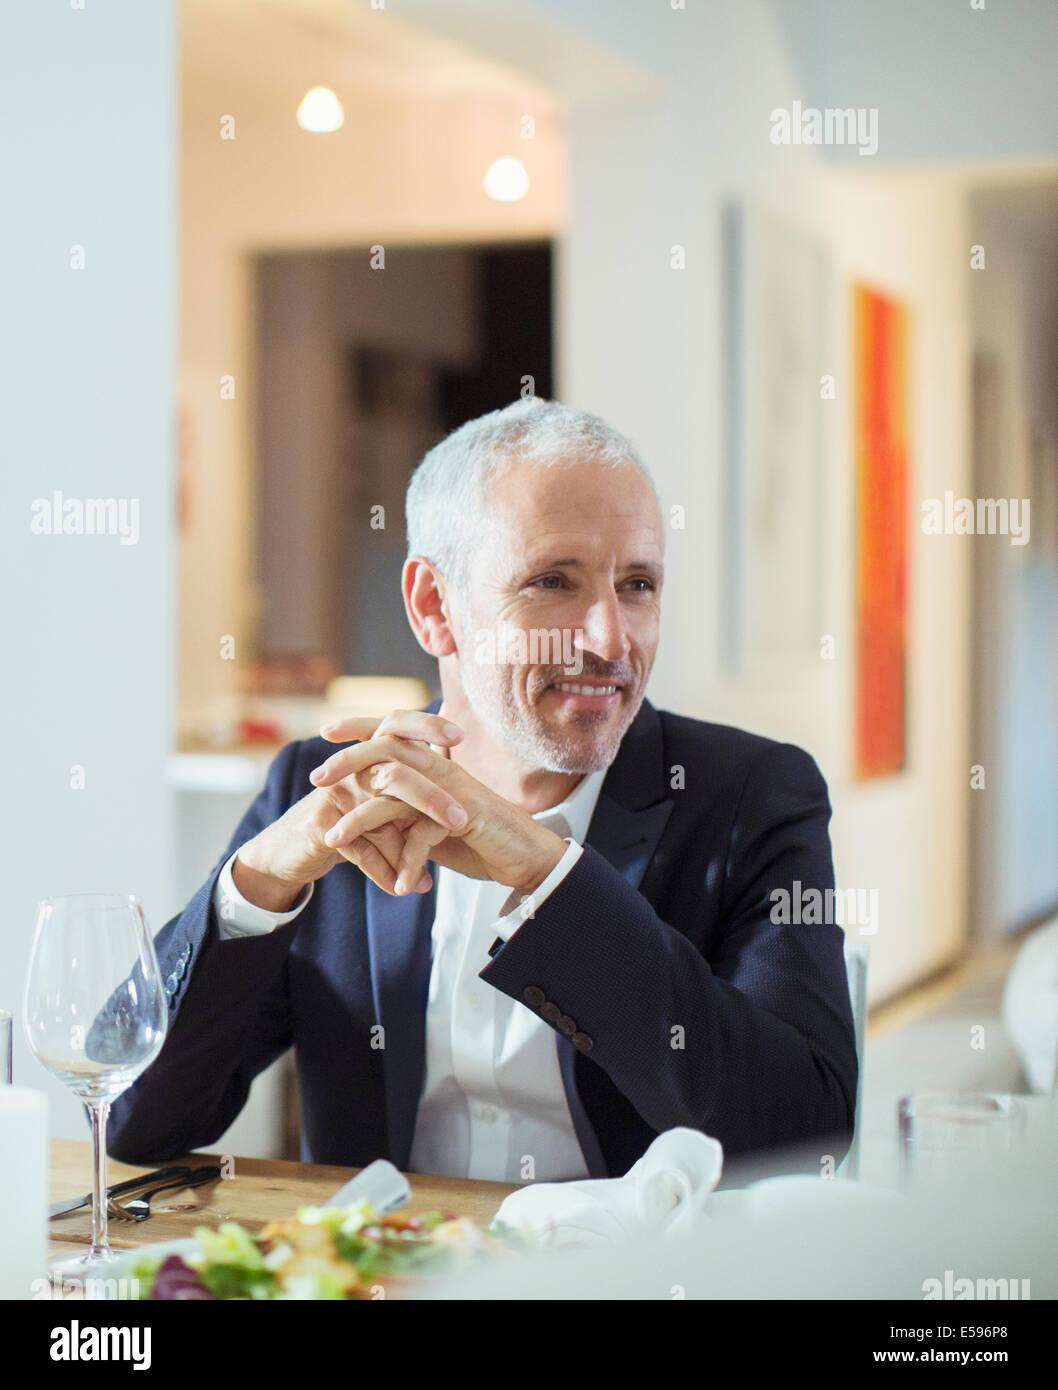 Uomo seduto a cena Immagini Stock